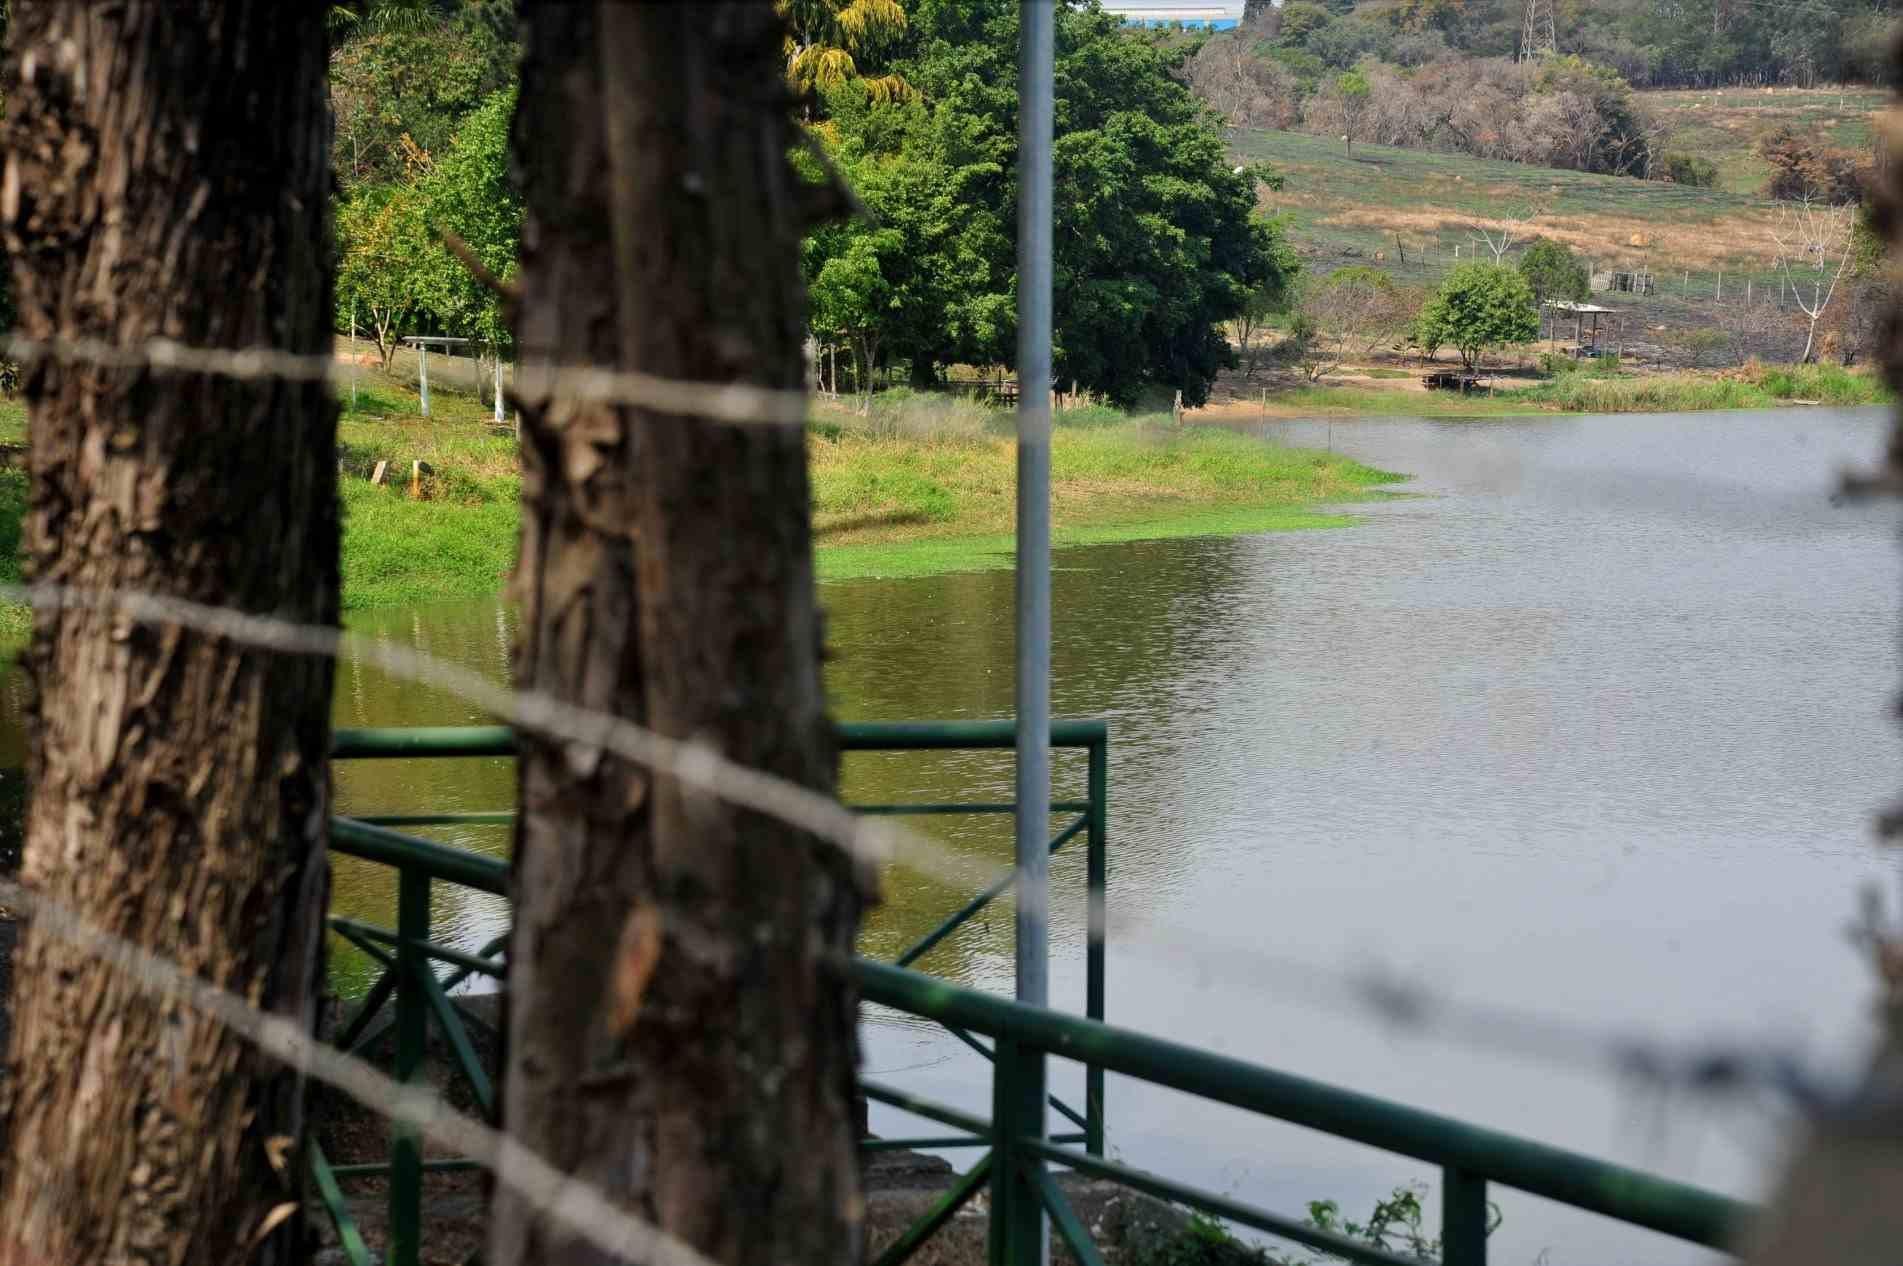 Volume de água no Castelinho/Ferraz subiu de de 55% para 60%.